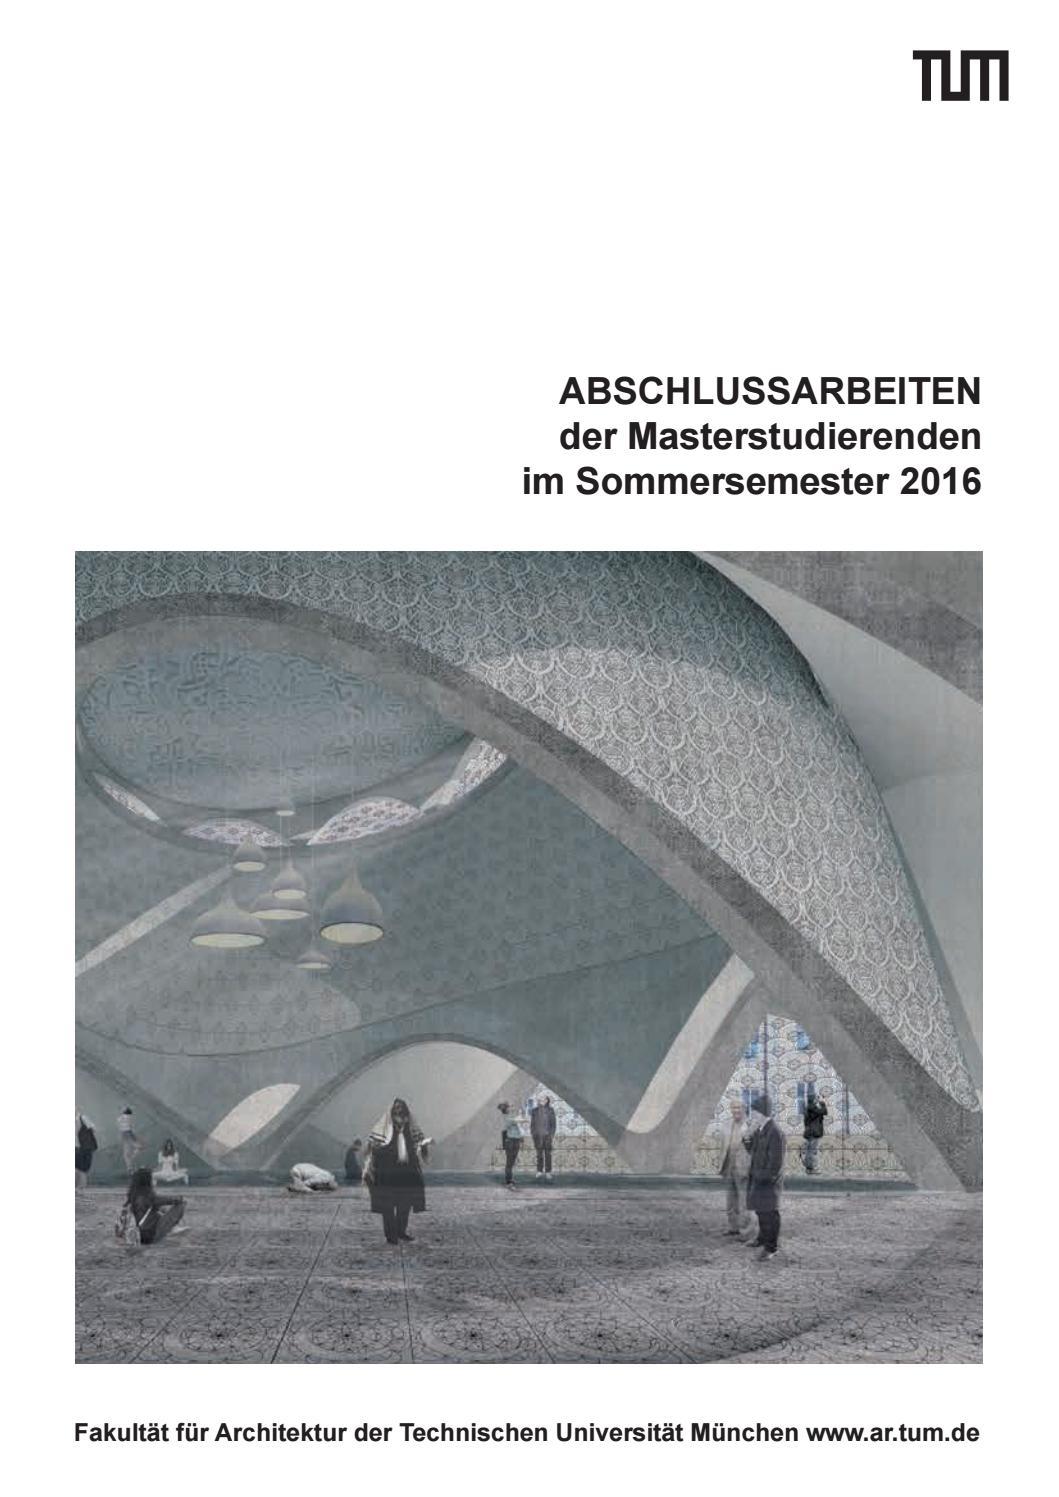 Masterdoku sose2016 2 by Fakultät für Architektur TU München - issuu